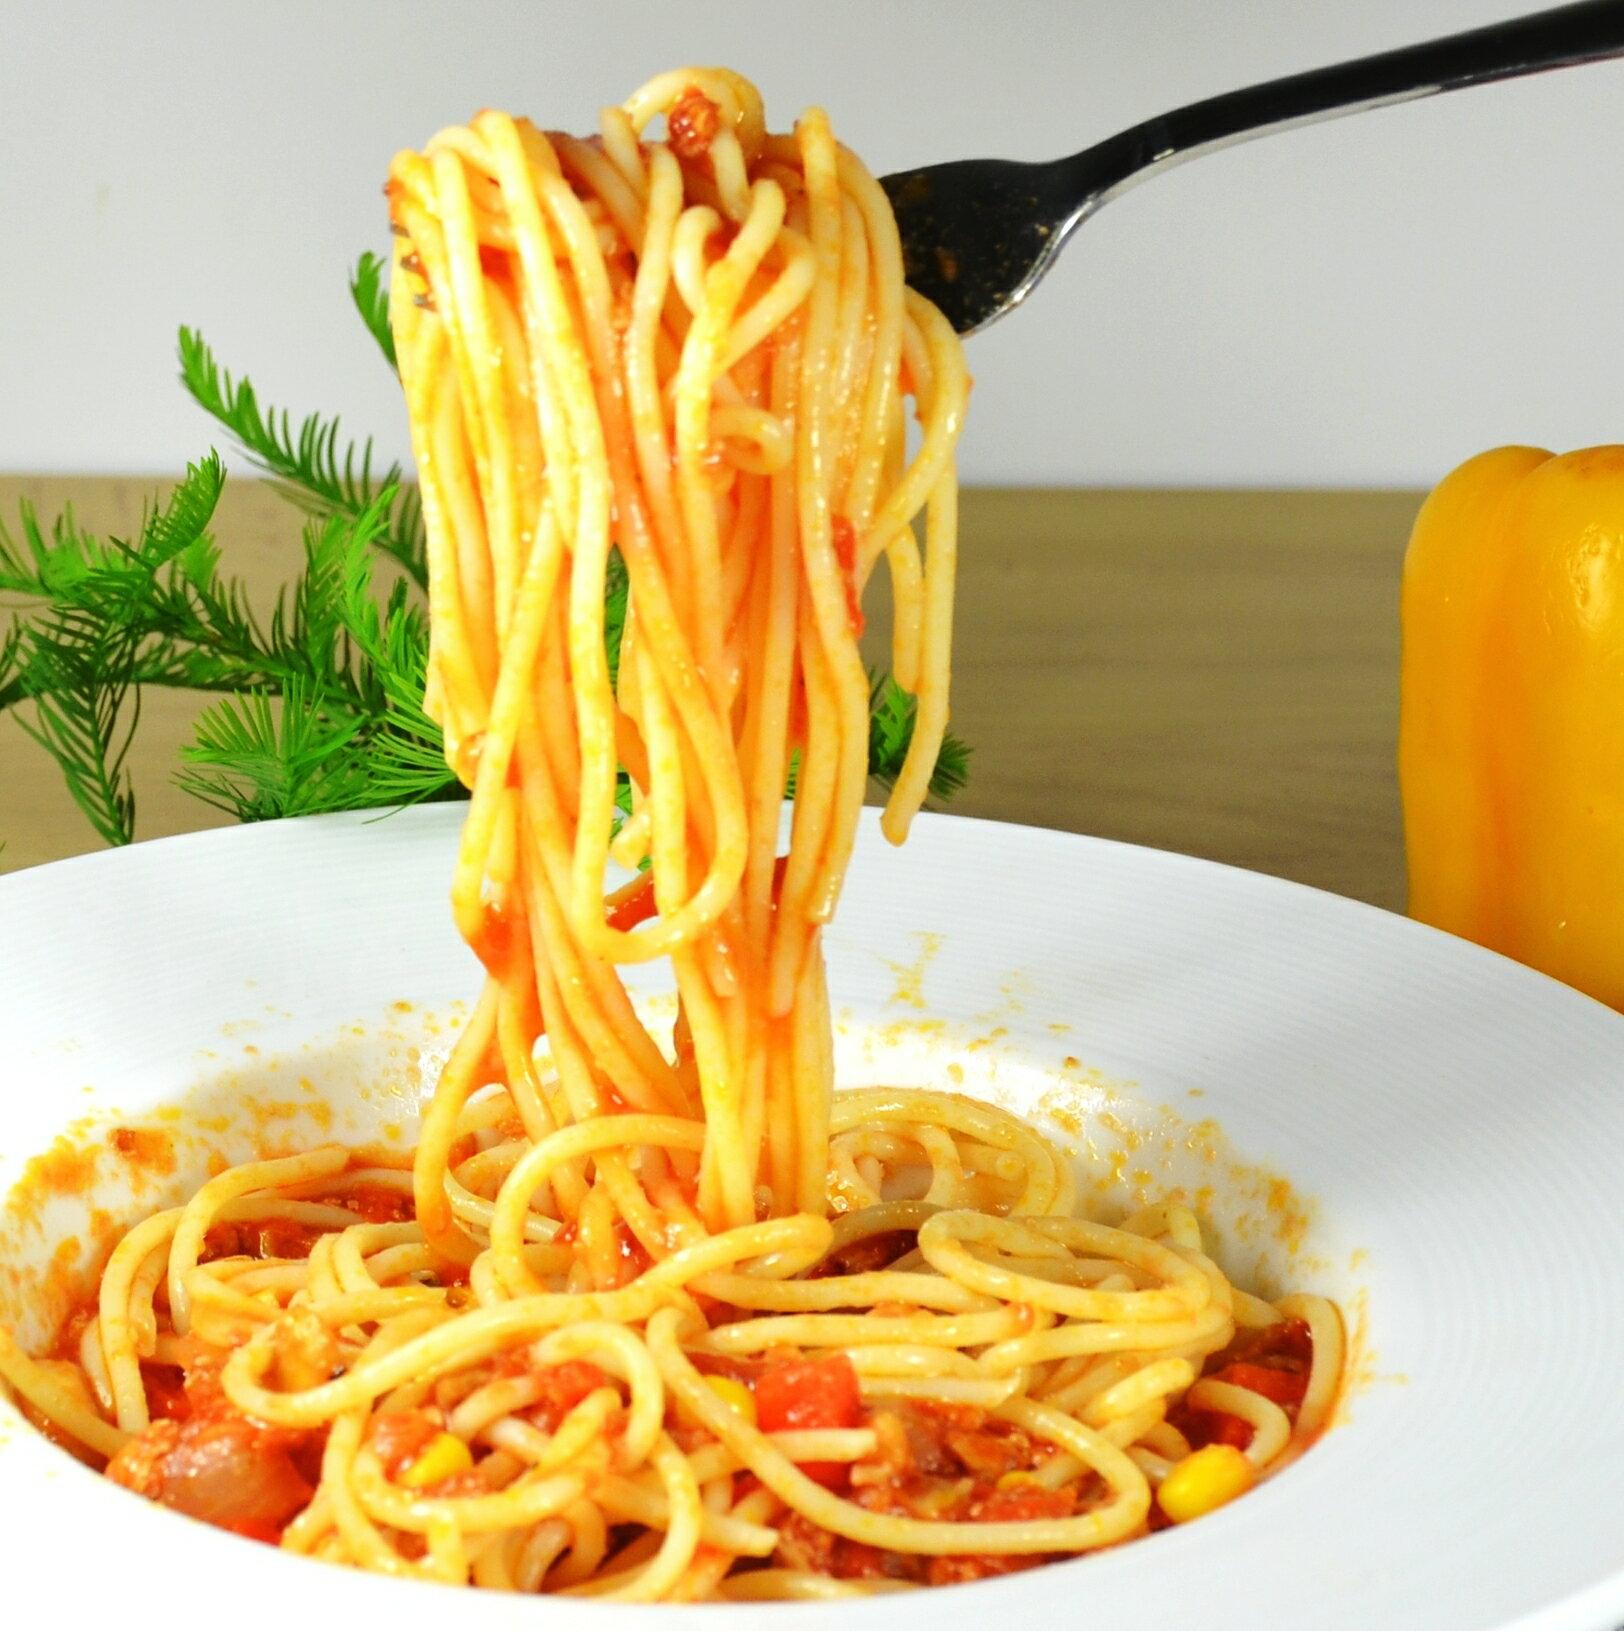 【 禾禾廚房】波隆那肉醬秒熟義大利麵 2